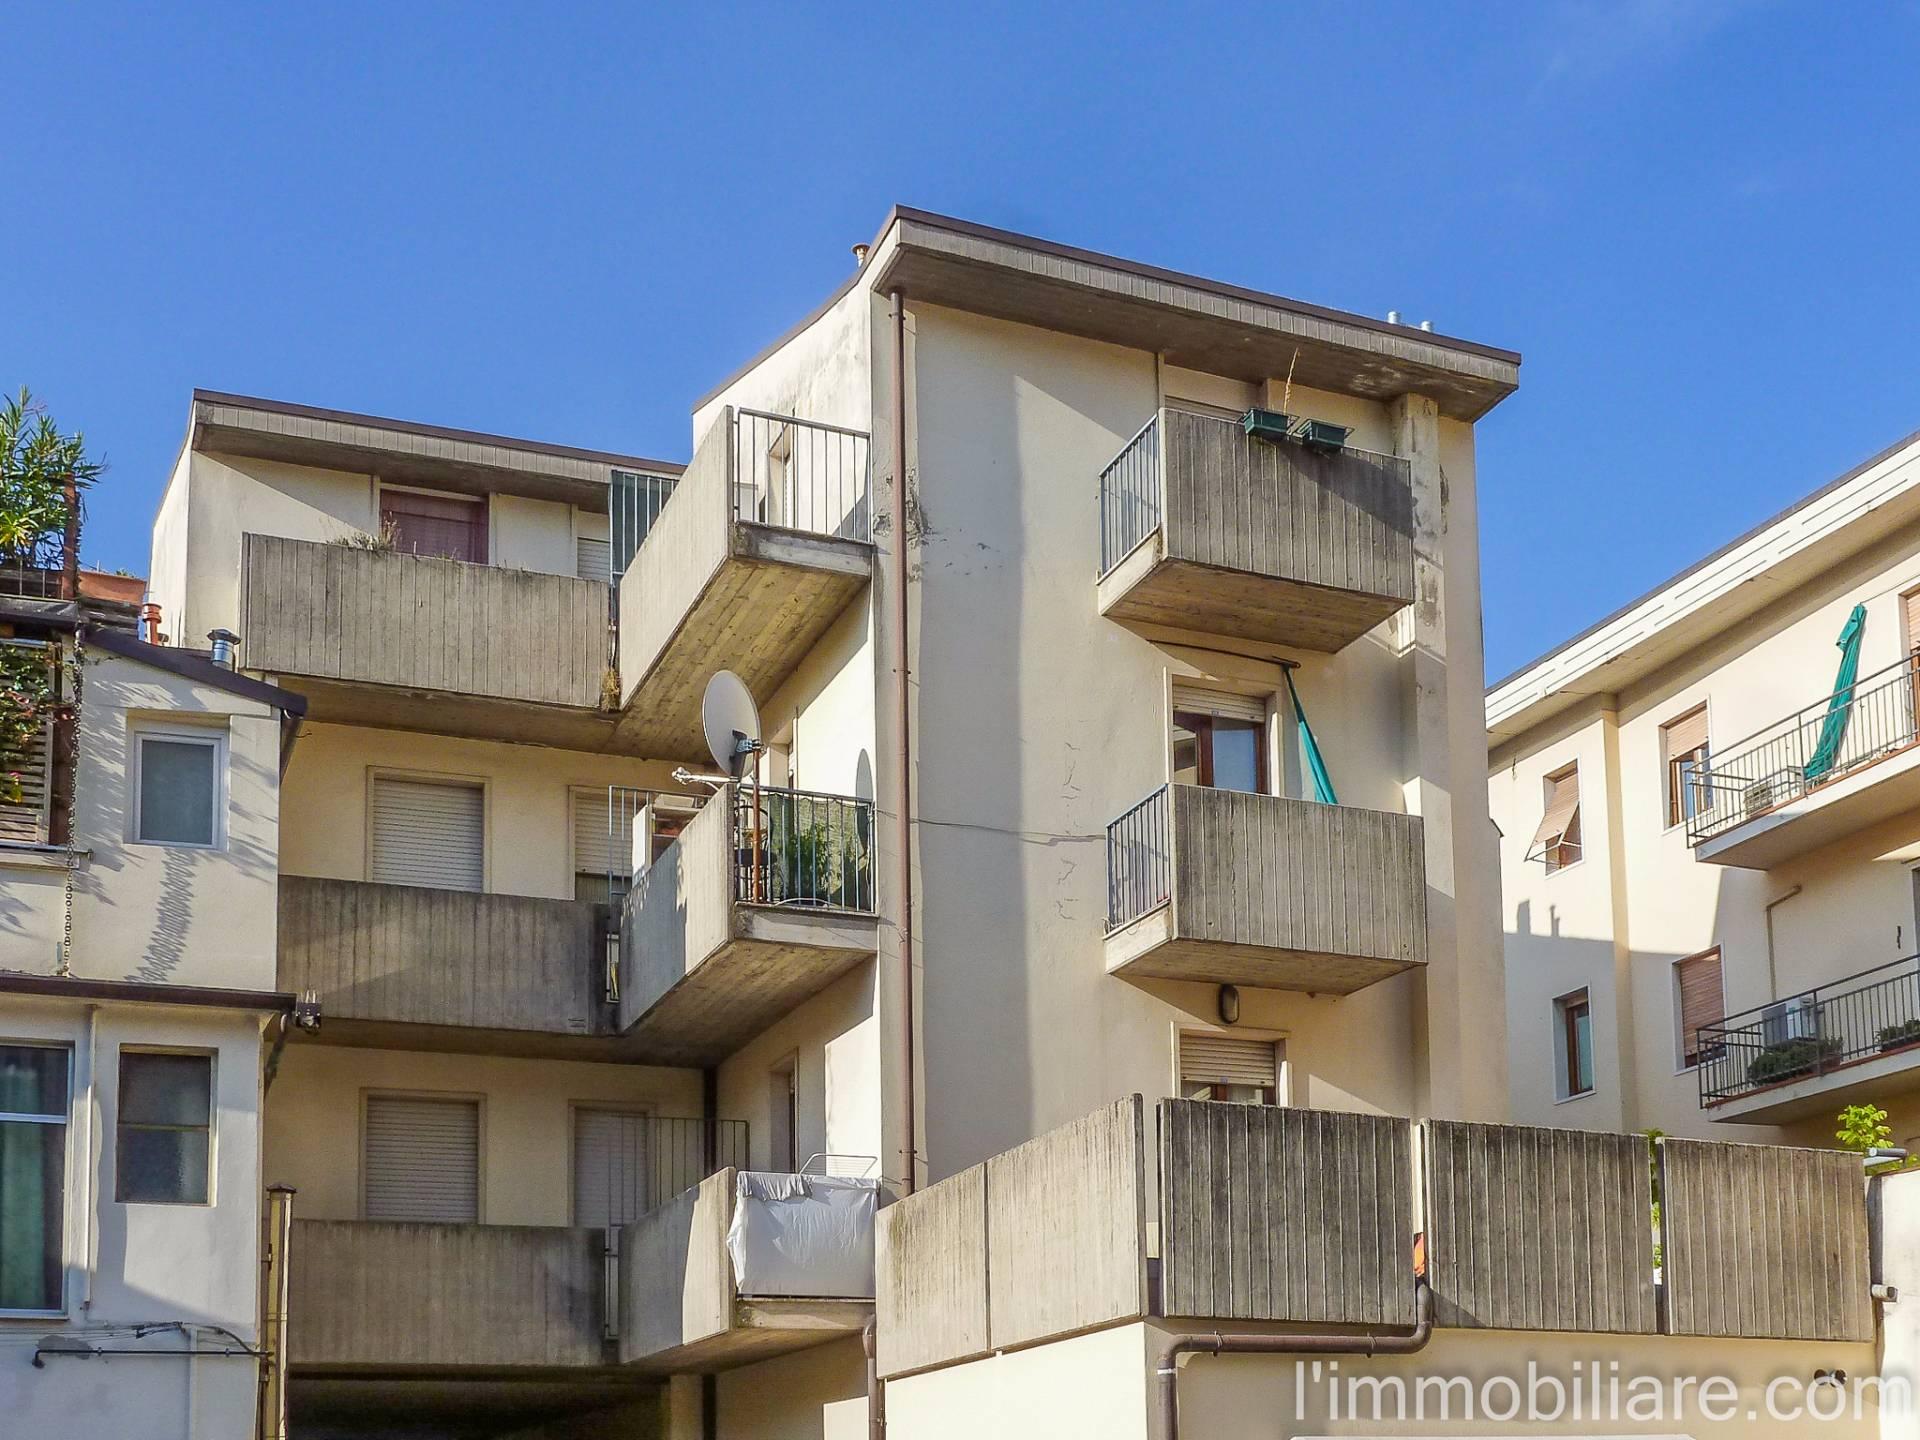 Appartamento in affitto a Verona, 1 locali, zona Zona: 5 . Quinzano - Pindemonte - Ponte Crencano - Valdonega - Avesa , prezzo € 430 | Cambio Casa.it